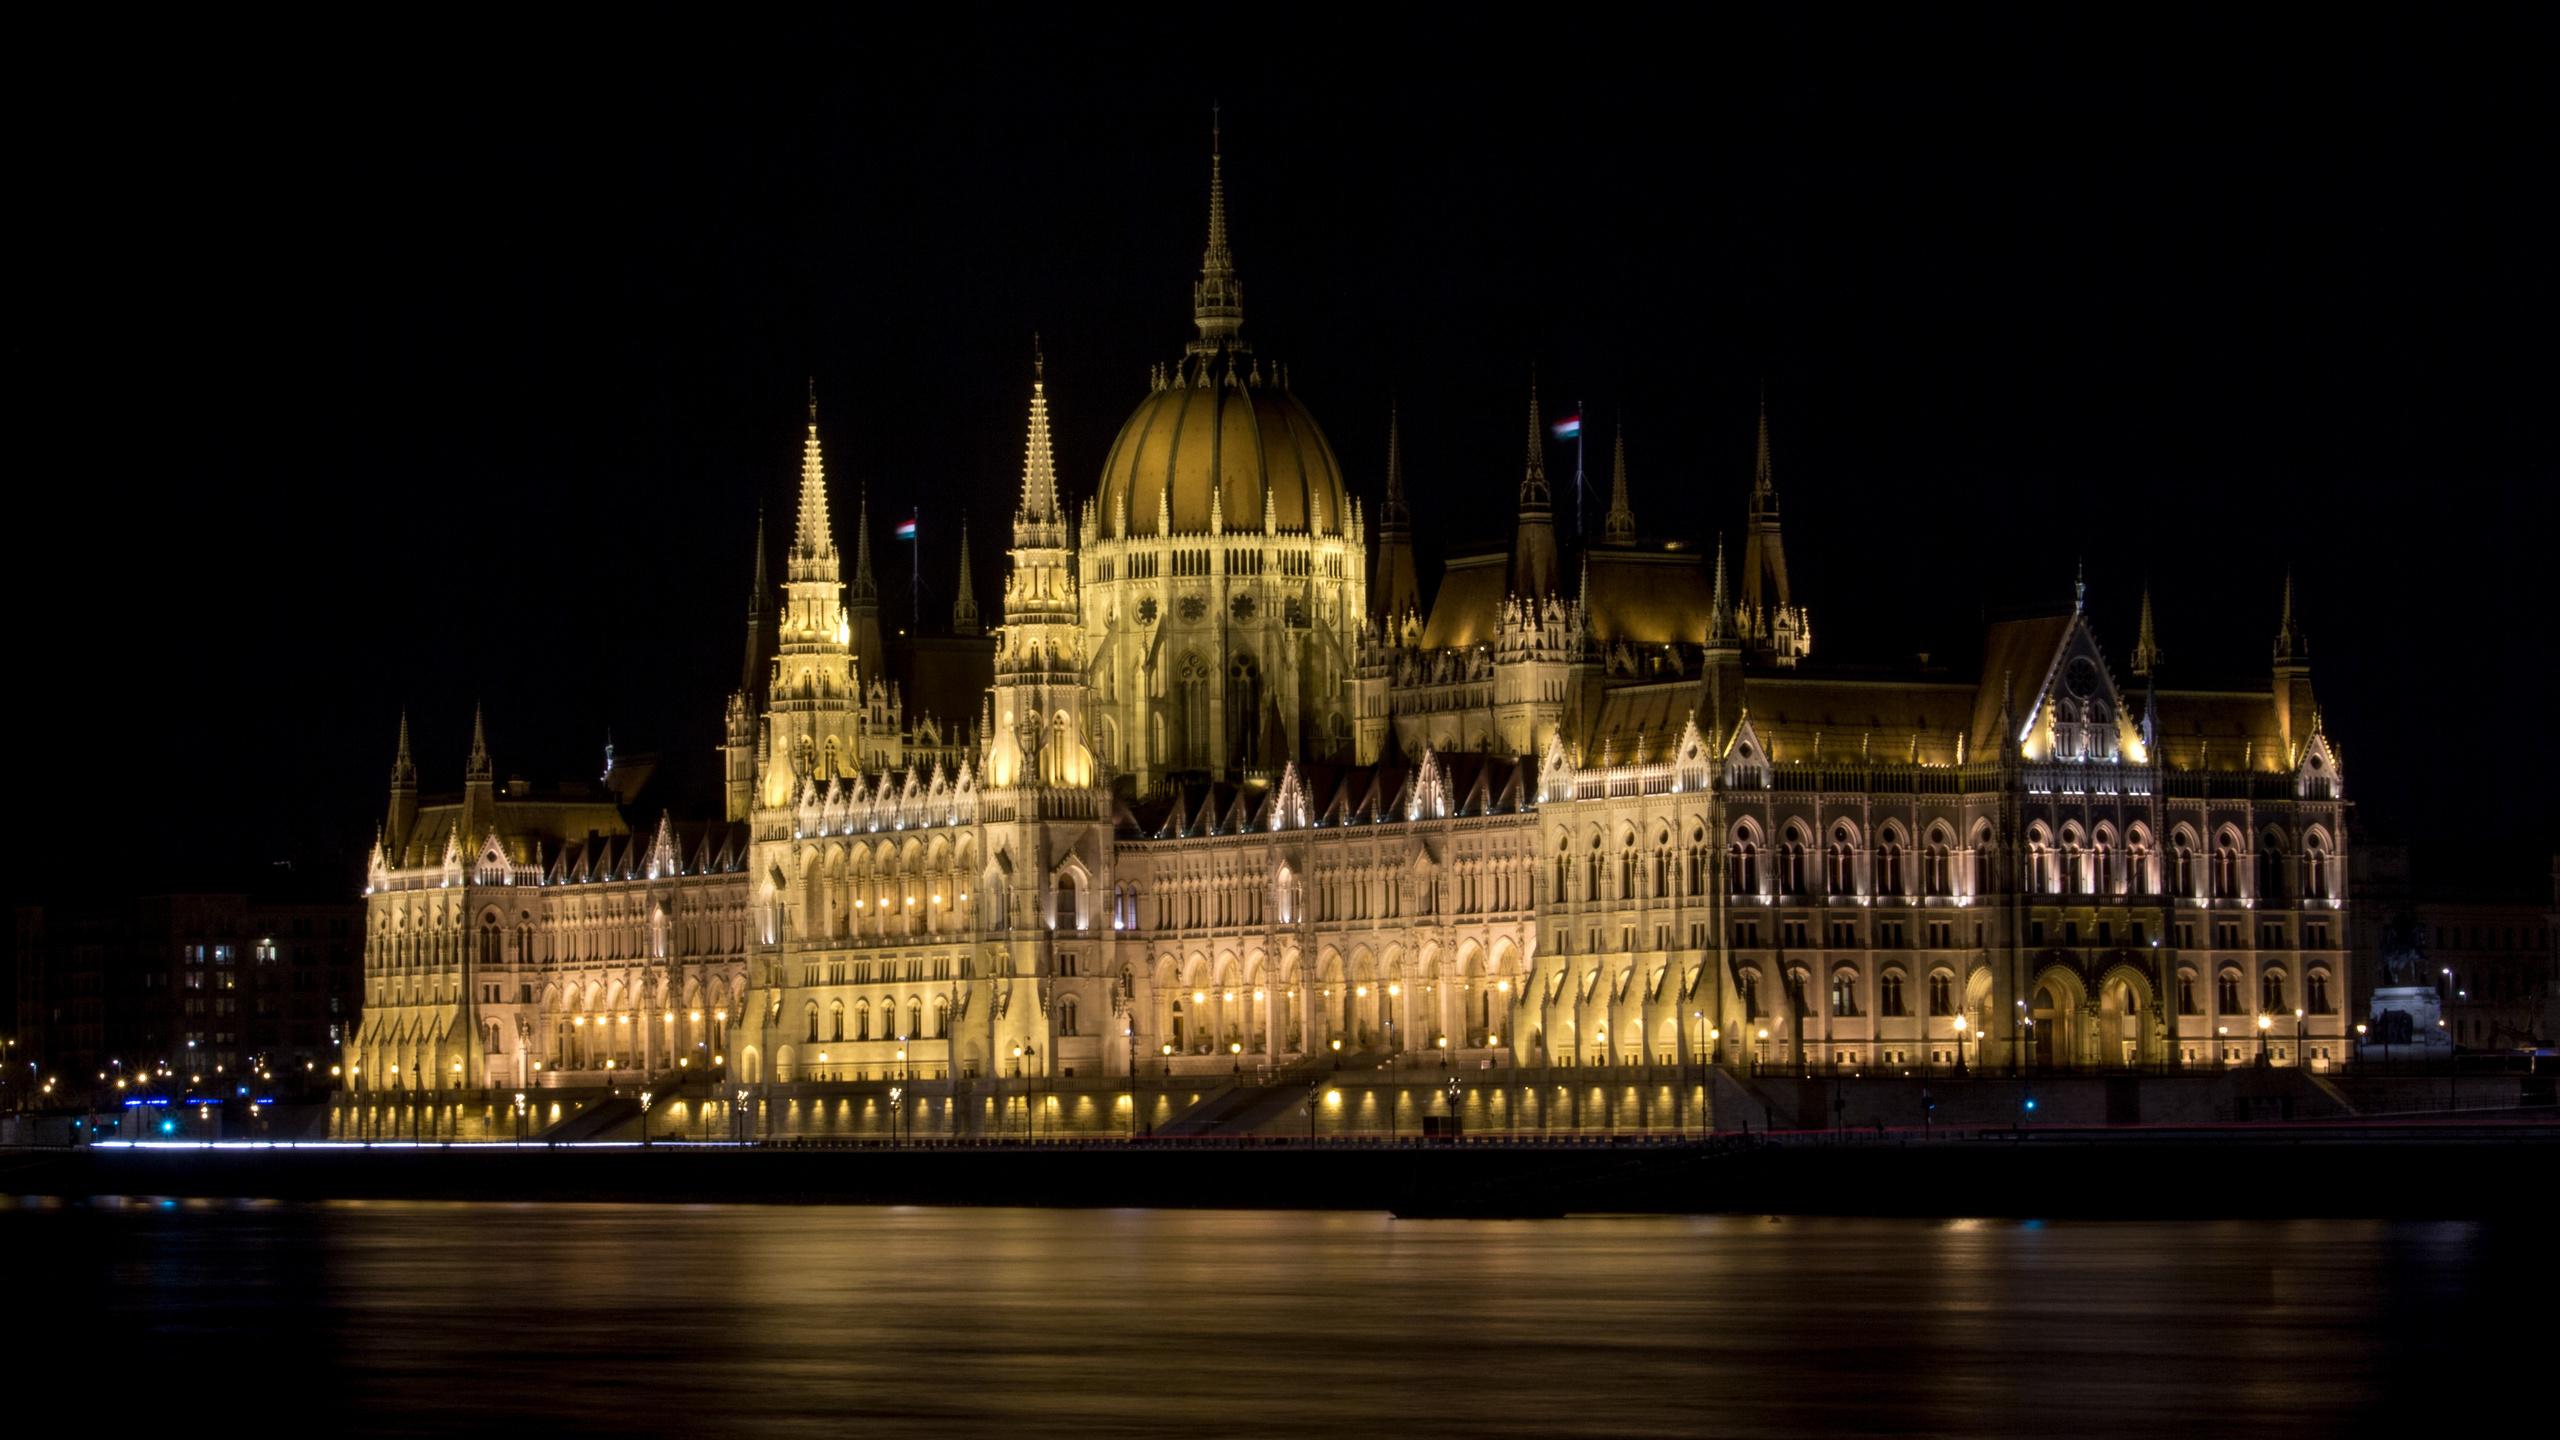 венгрия, будапешт, палата парламента, огни, река, ночь